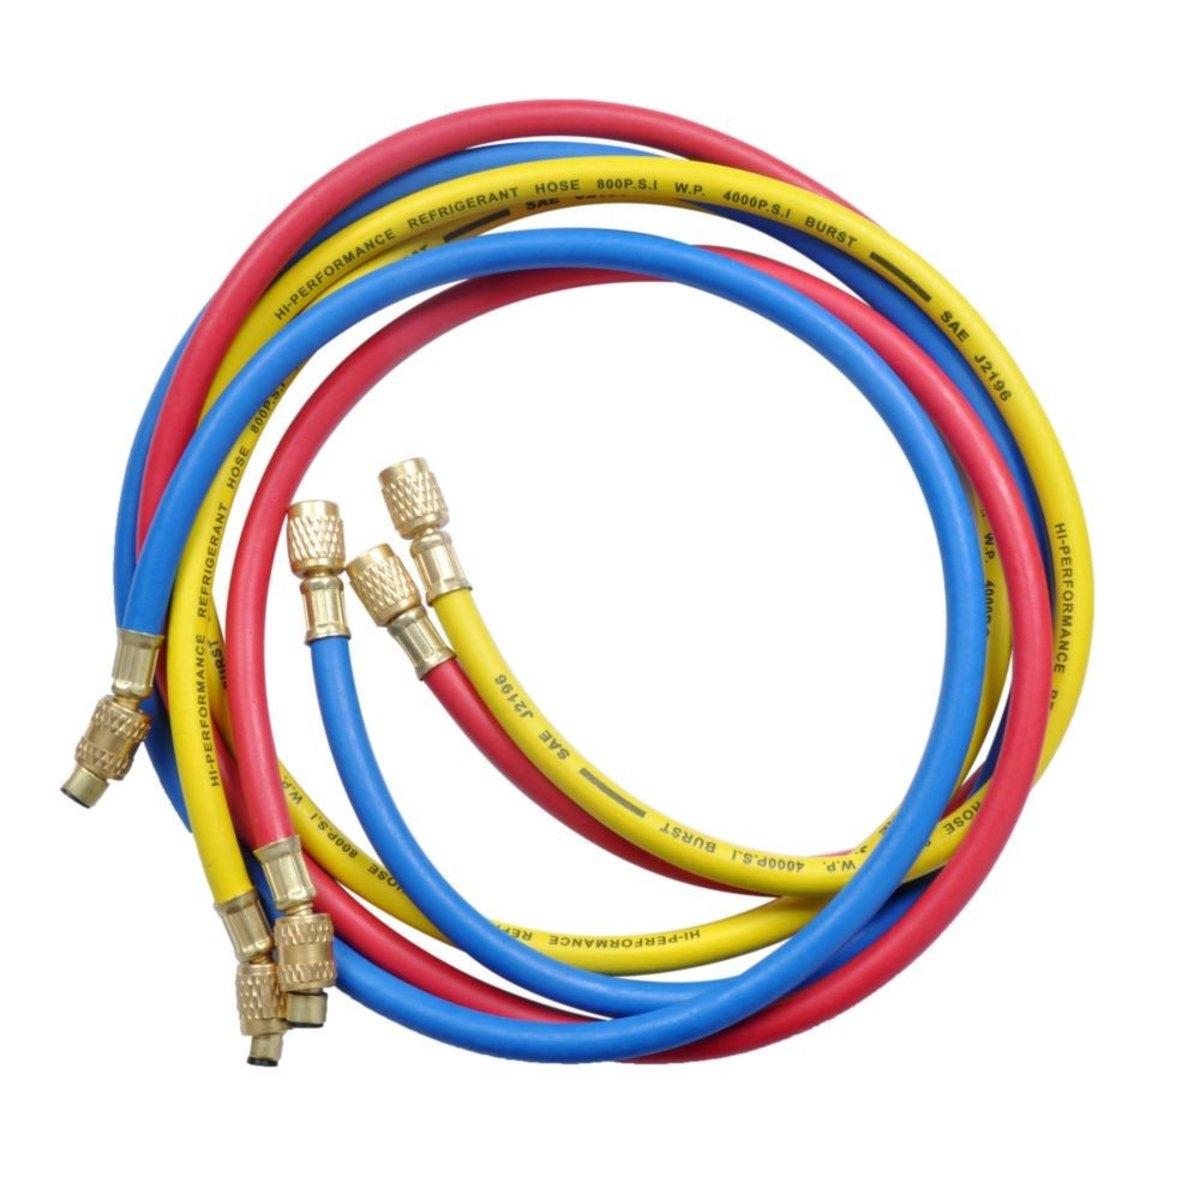 """Jogo de Mangueira R410 (Azul, Vermelha 1/4 x 5/16 SAE e Amarela 1/4 x1/4 SAE) Compr.36"""" (90cm) 4.000PSI"""